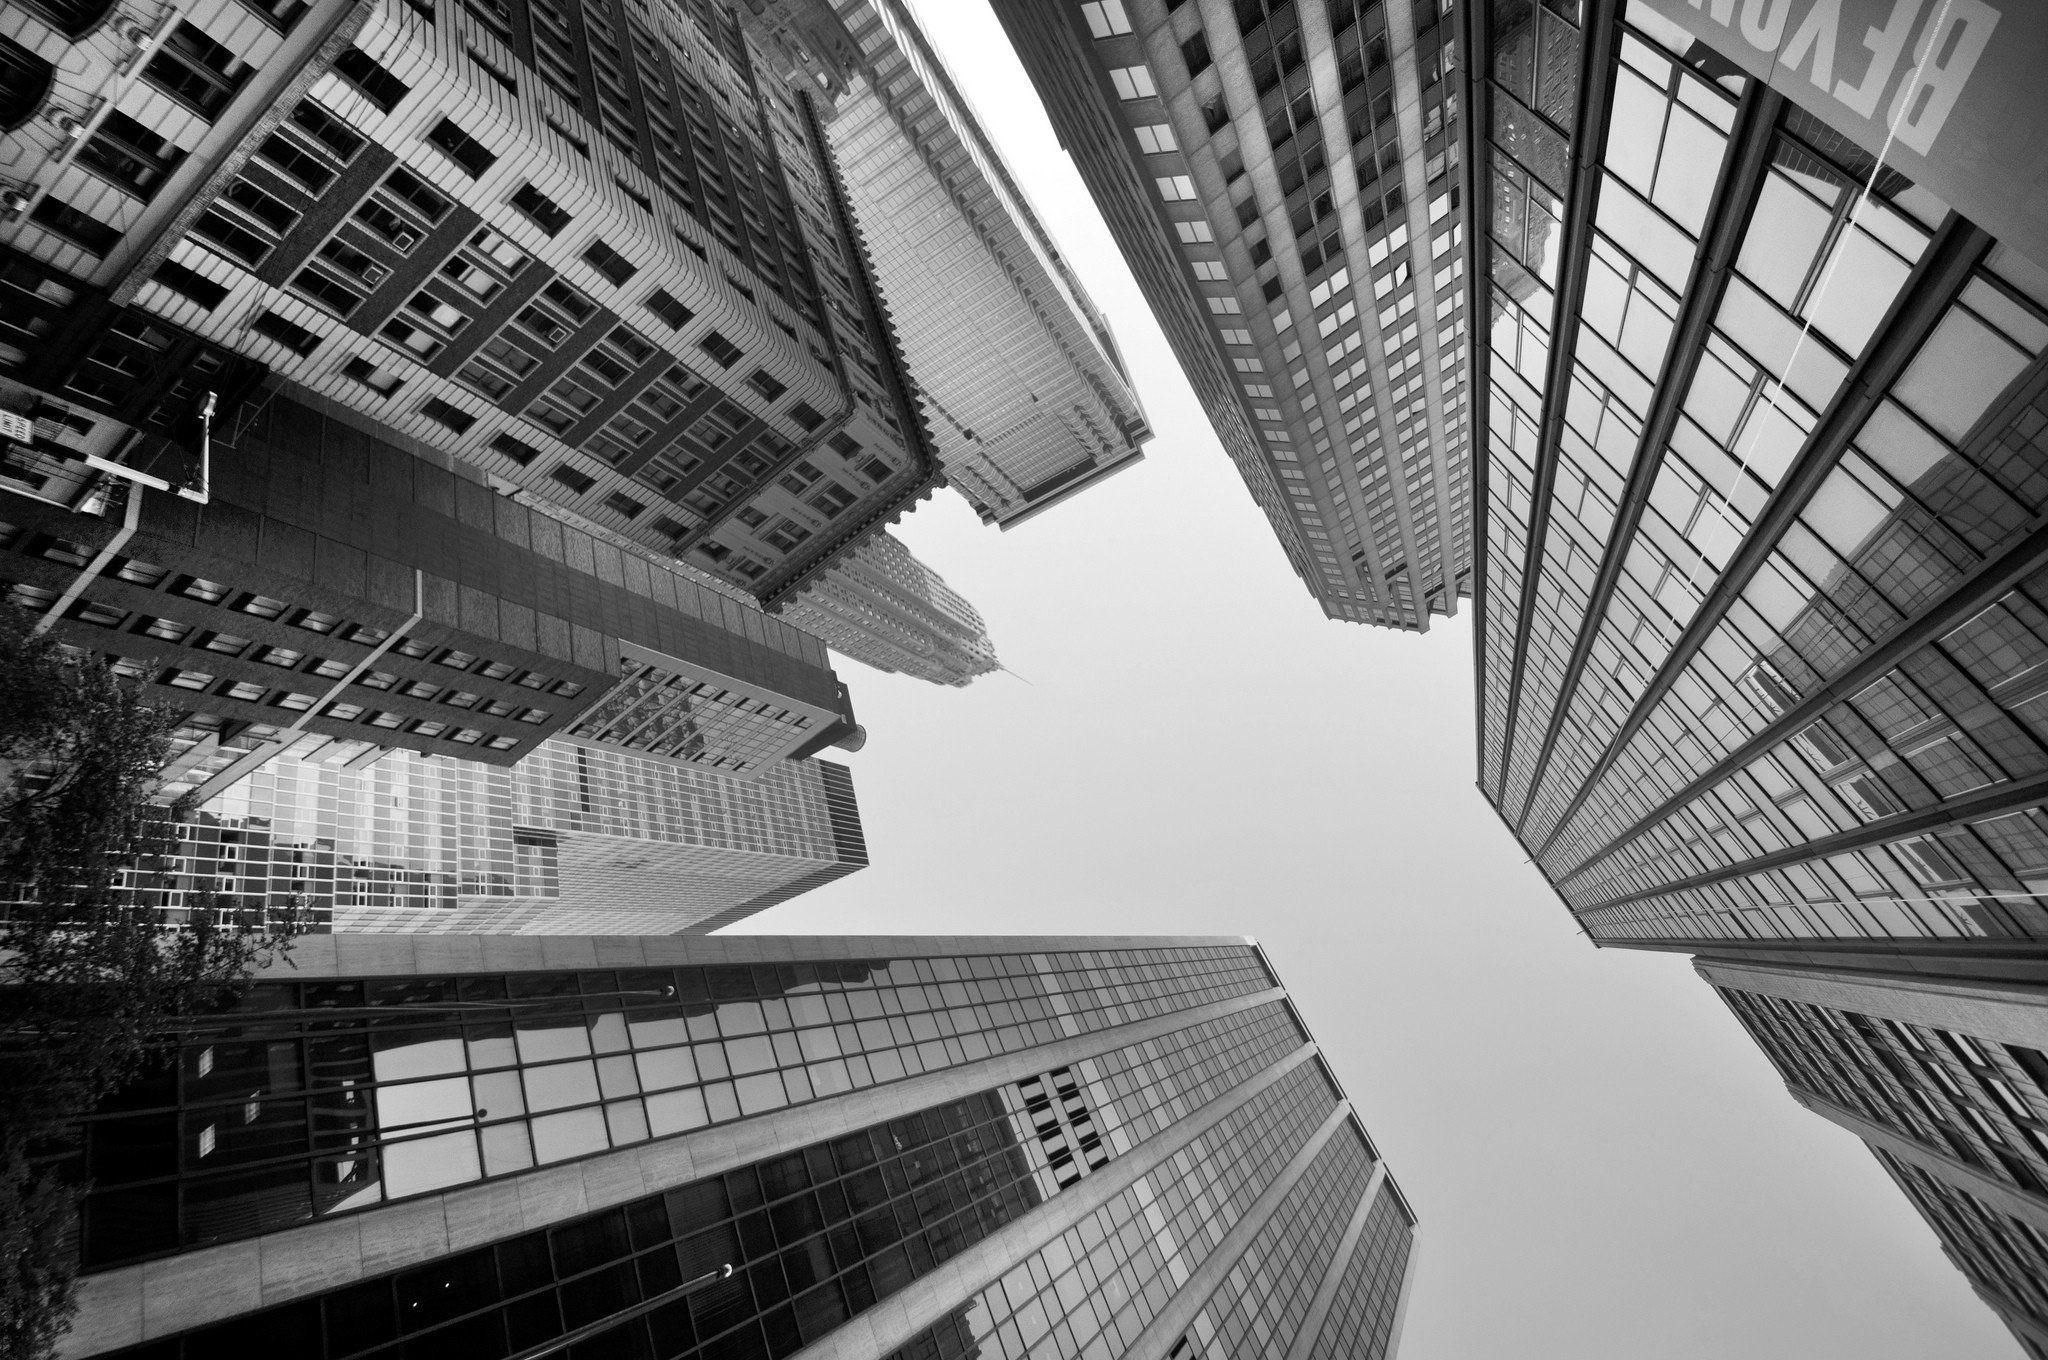 Skyscraper Monochrome Building Wallpaper Skyscraper